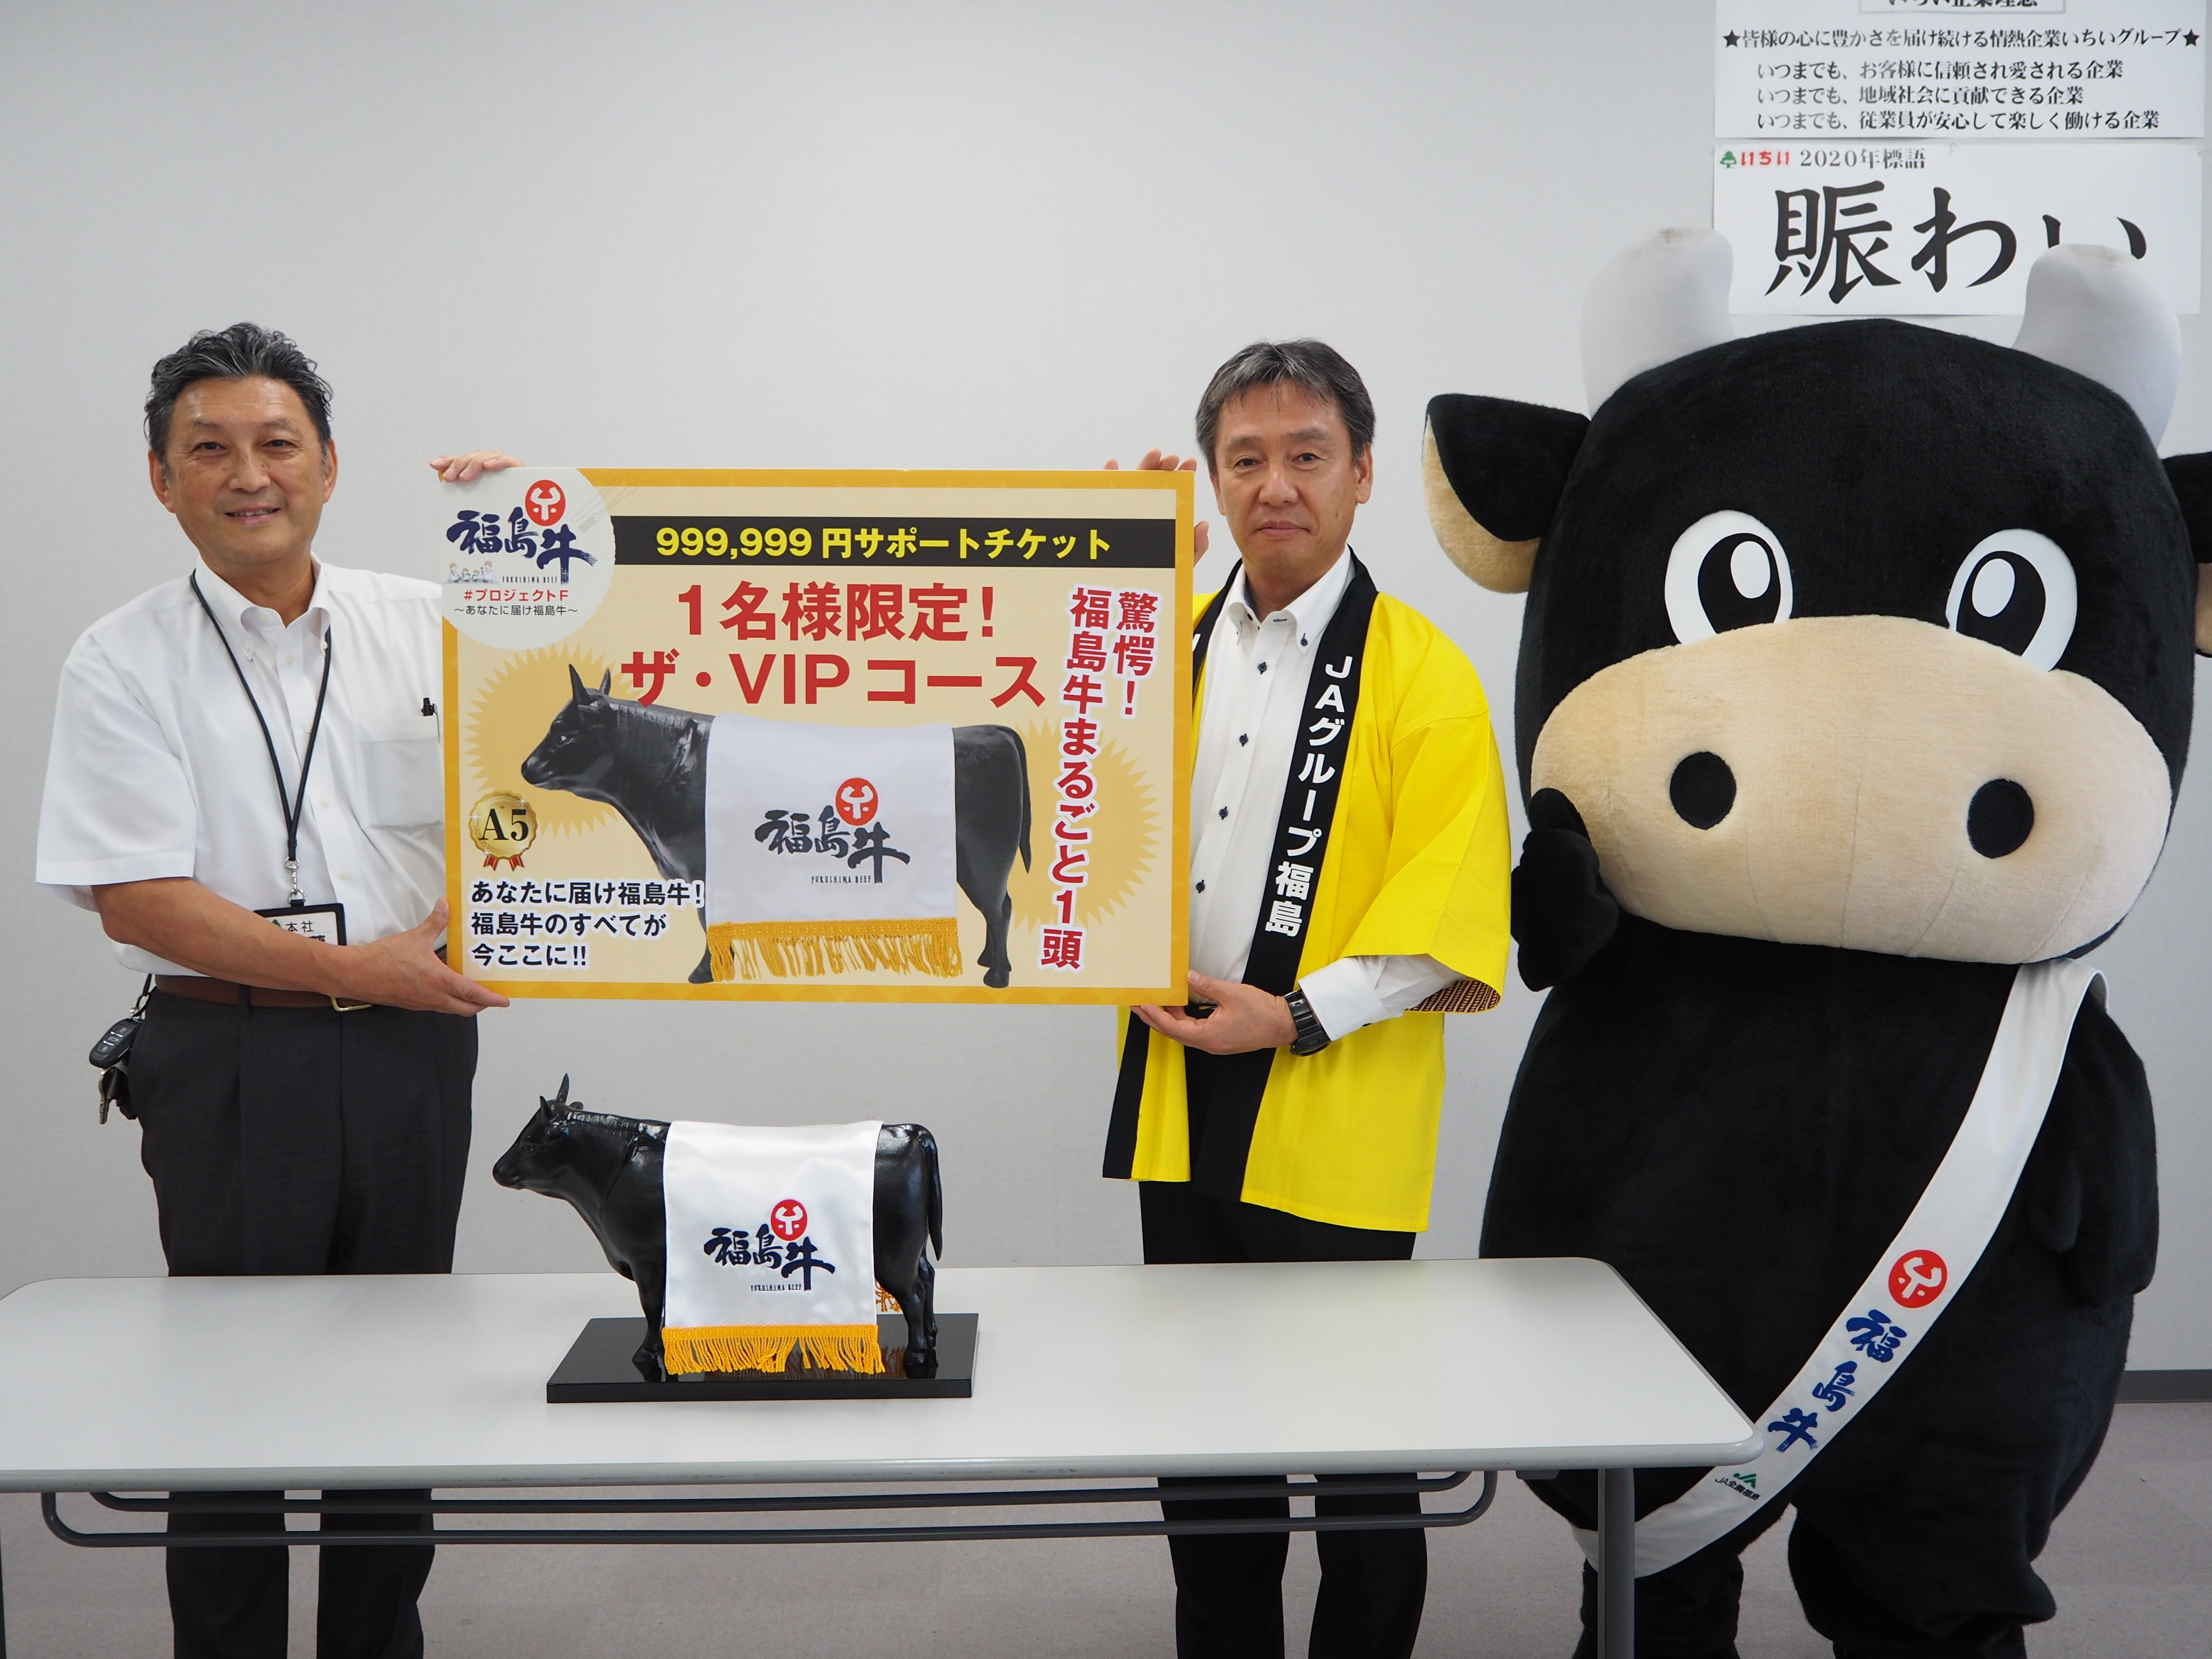 ㈱いちい様に「ザ・VIPコース」返礼品・福島牛まるごと1頭を贈呈いたしました!